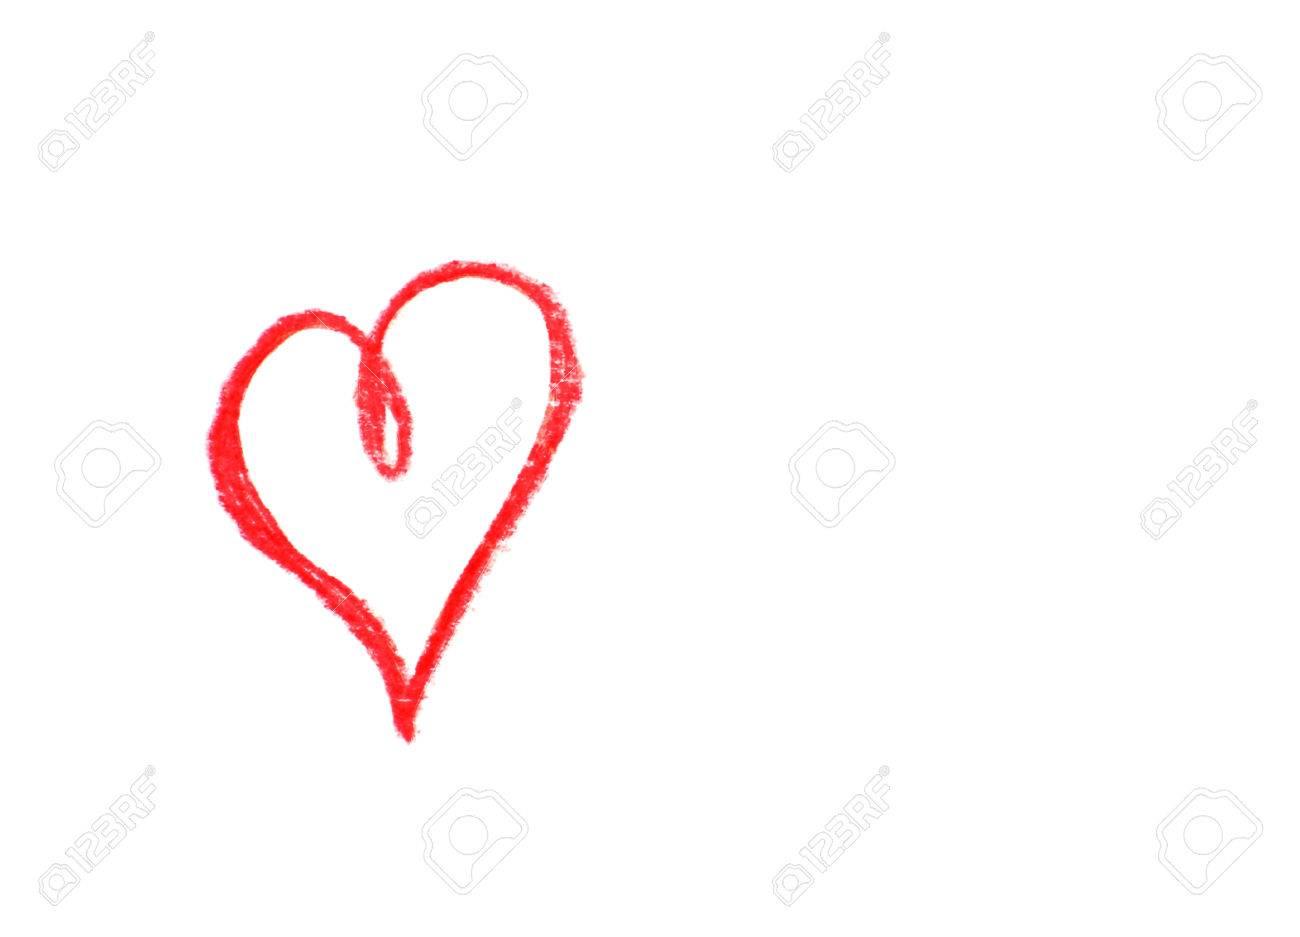 Coeur Dessin dessin coeur isolé sur blanc banque d'images et photos libres de